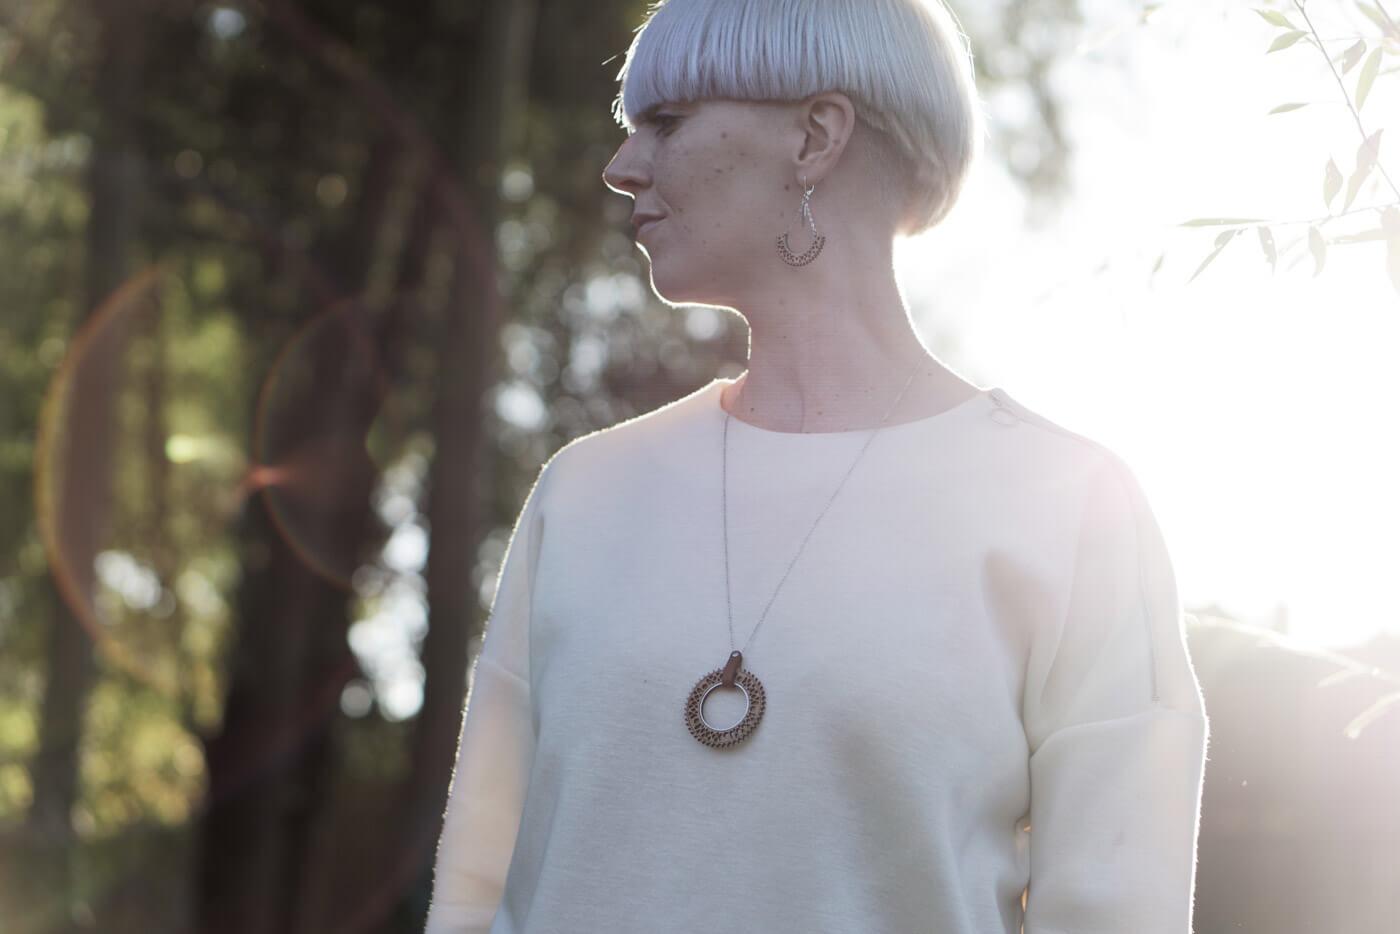 bijoux en bois collier sautoir boucle oreille femme fabrique en france